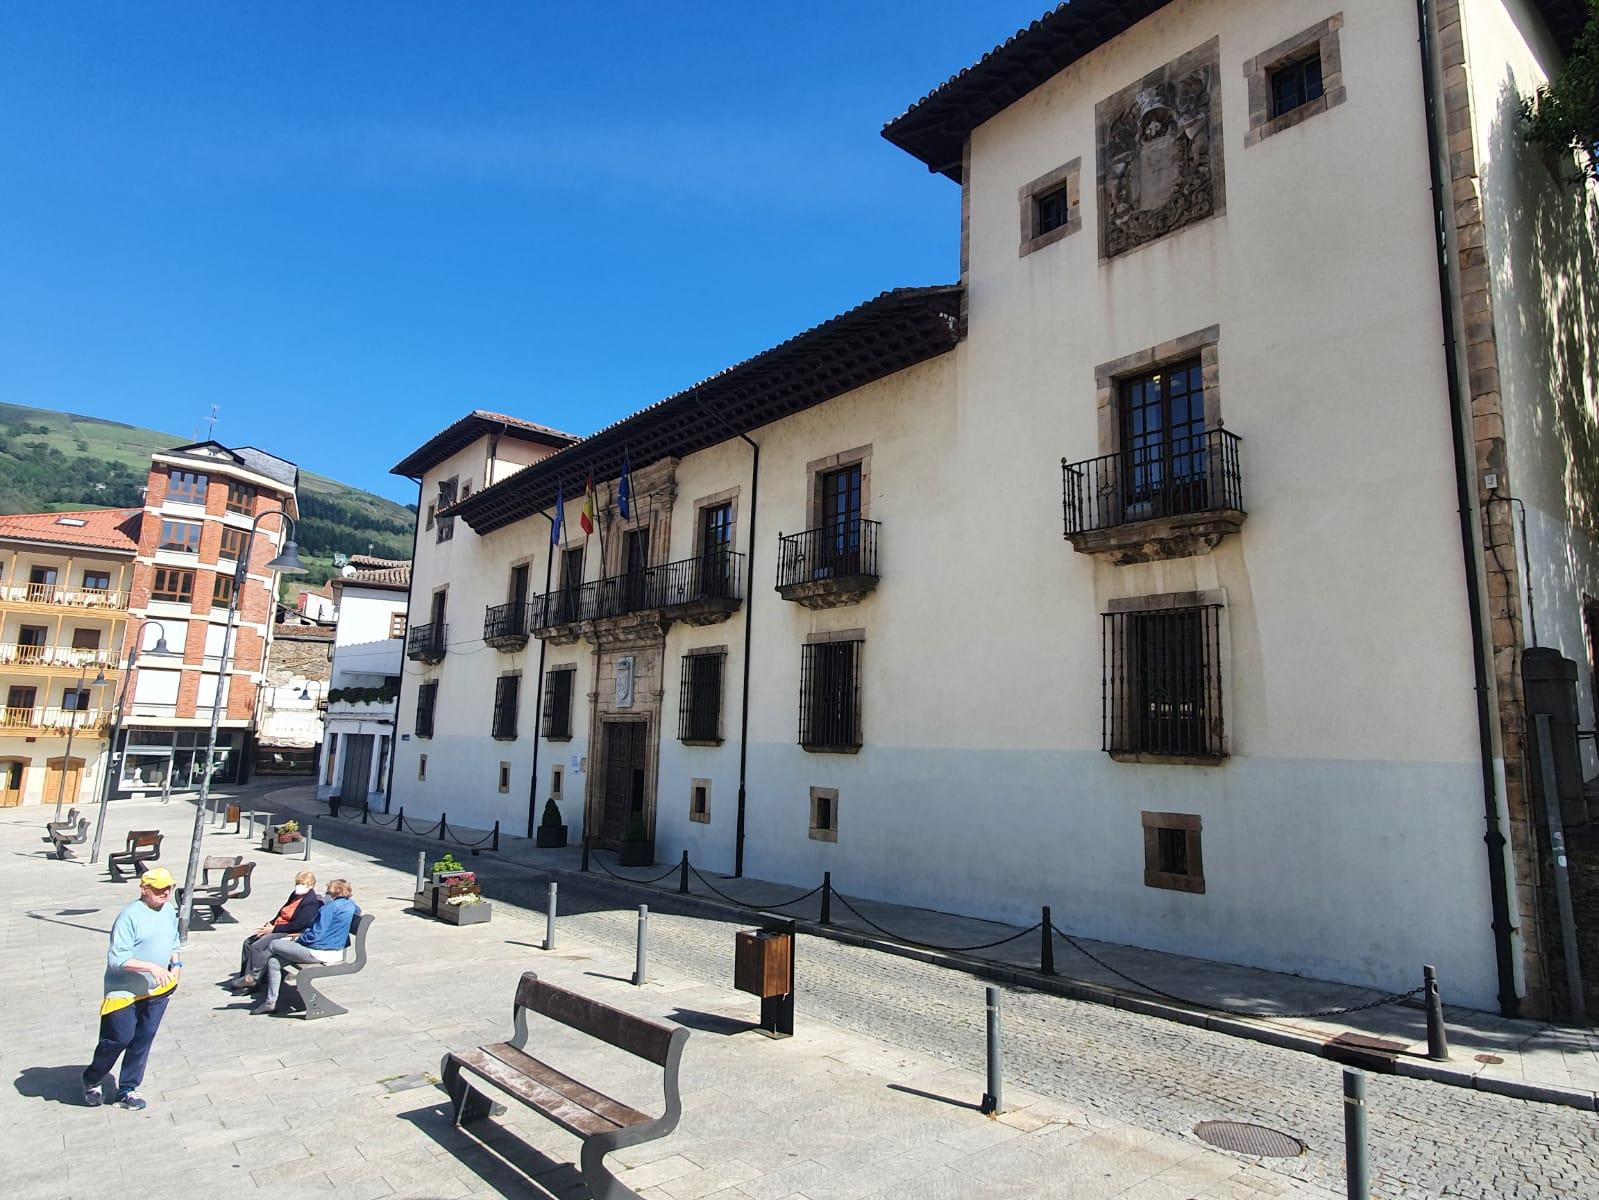 Ayuntamiento de Cangas del Narcea y Tous pa Tous editan una guía artística sobre las casonas y palacios del concejo